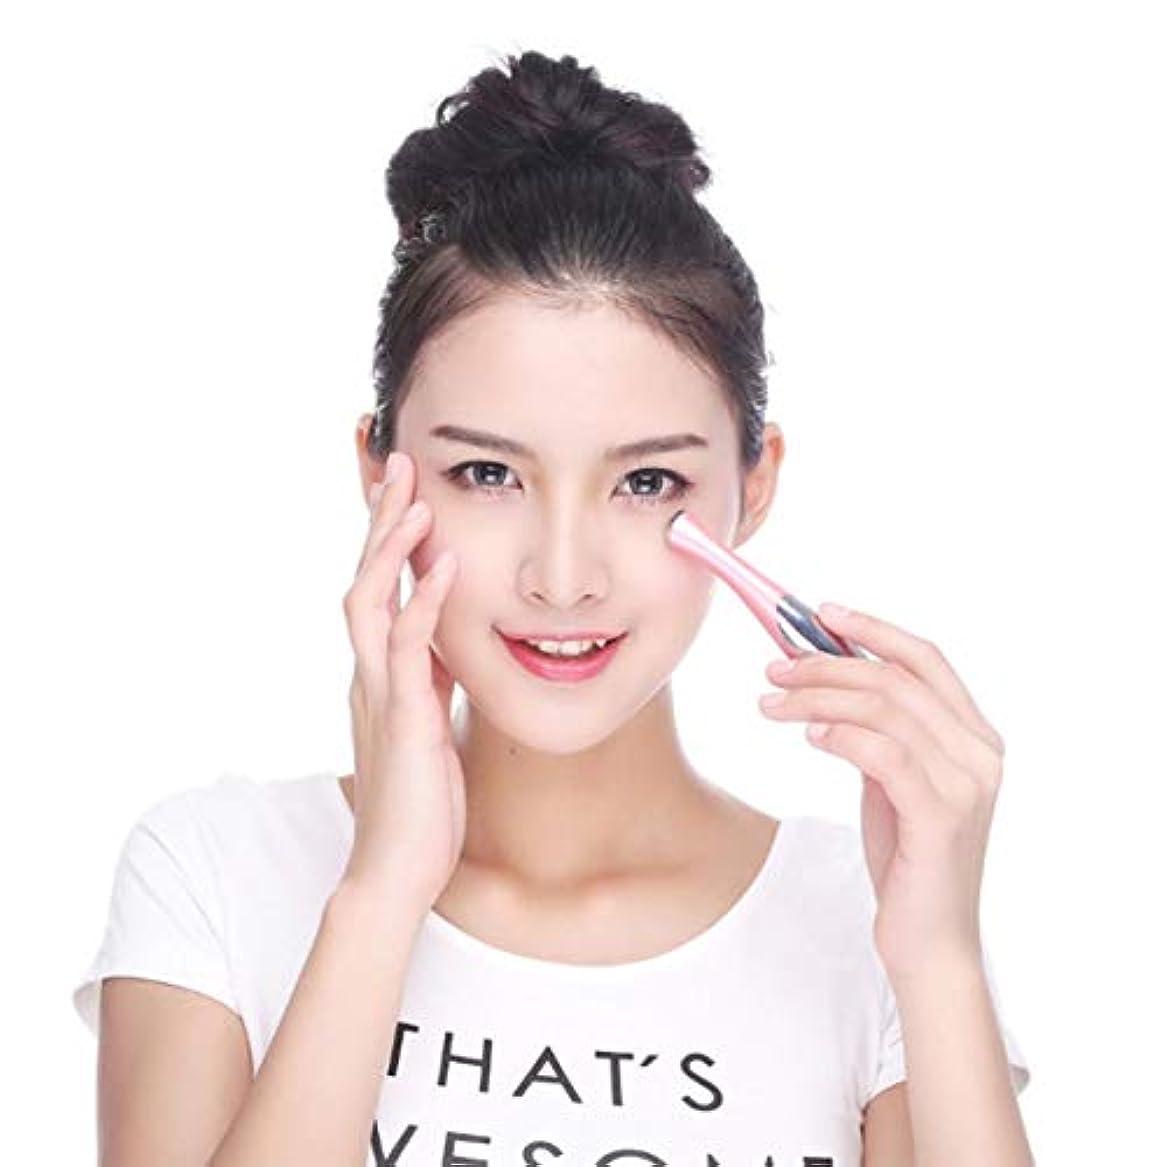 ティーム検証批判Mini Portable Handheld Ion Eye Massager Vibration Massage Skin Firming Care Facial Moisturizer Massager Beauty...